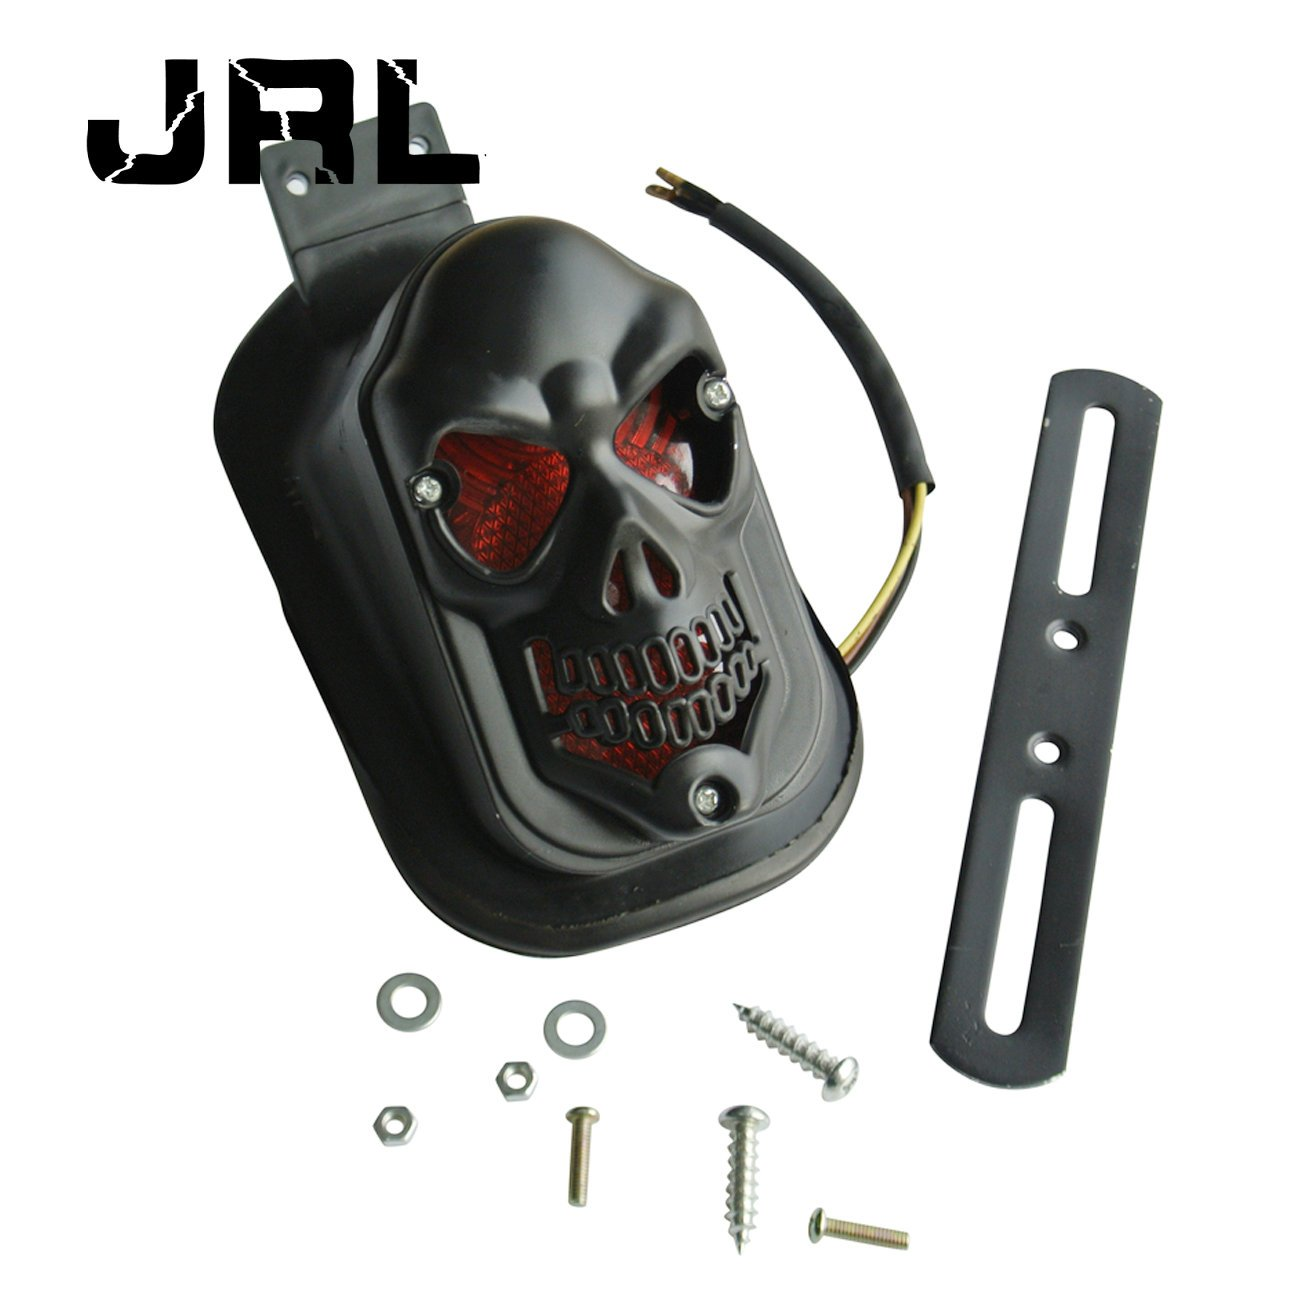 JRL Totenkopf schwarz Bremse hinten R/ücklicht f/ür Harley Motorrad Teile